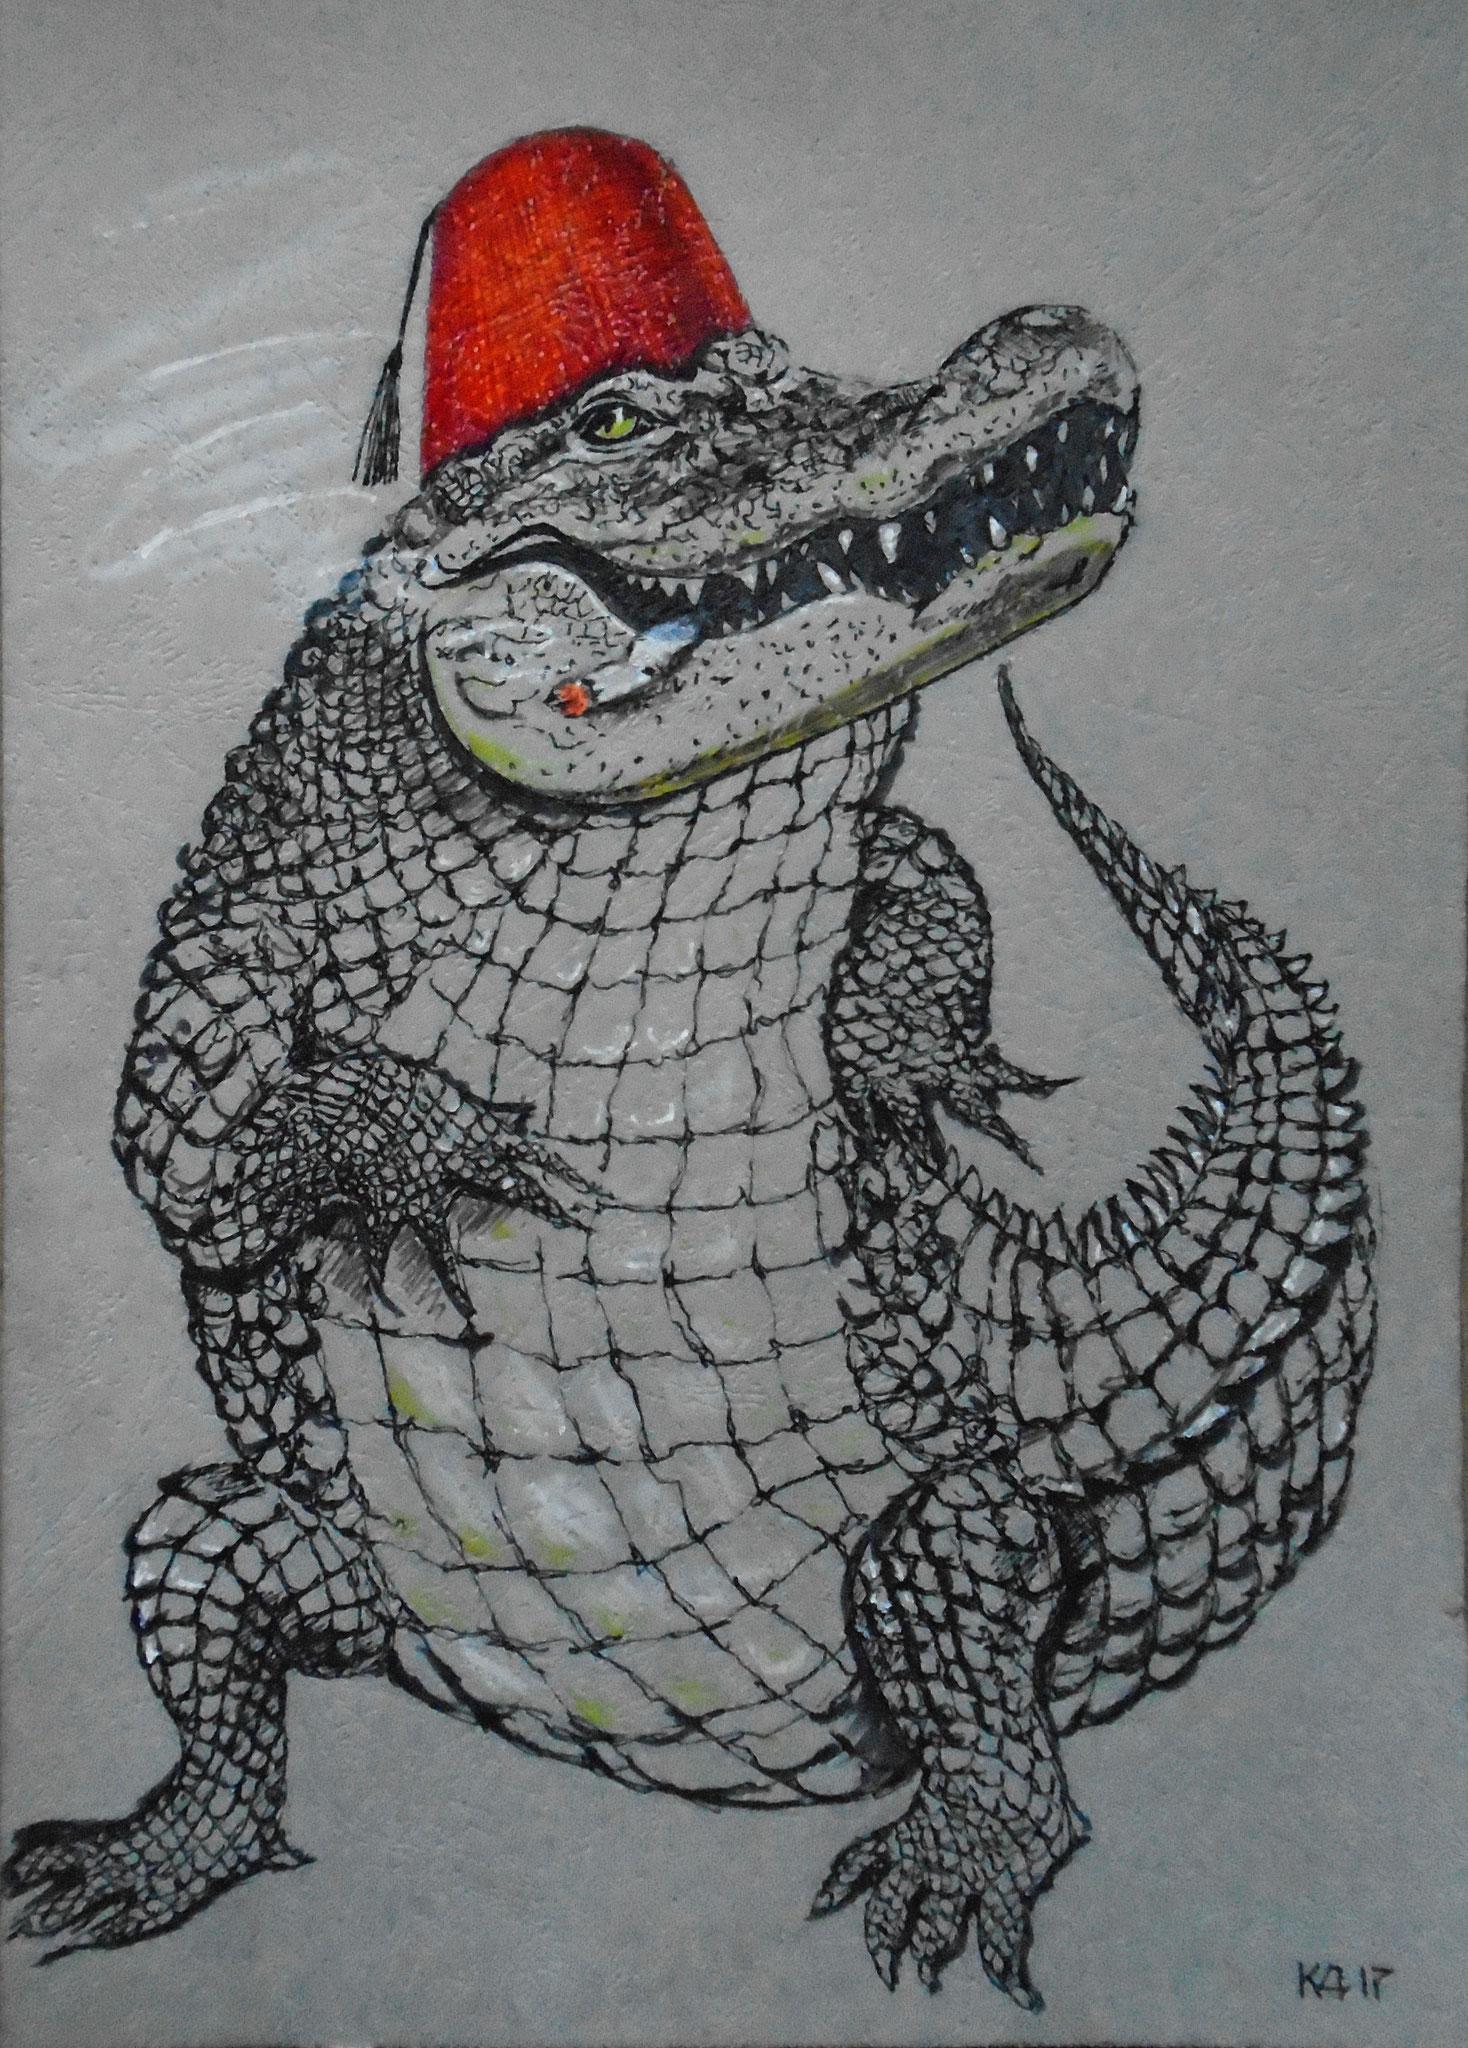 Катя Дерун.      Крокодил, крокодил, крокодилович.     2017 г.    Картон, гелев. ручка